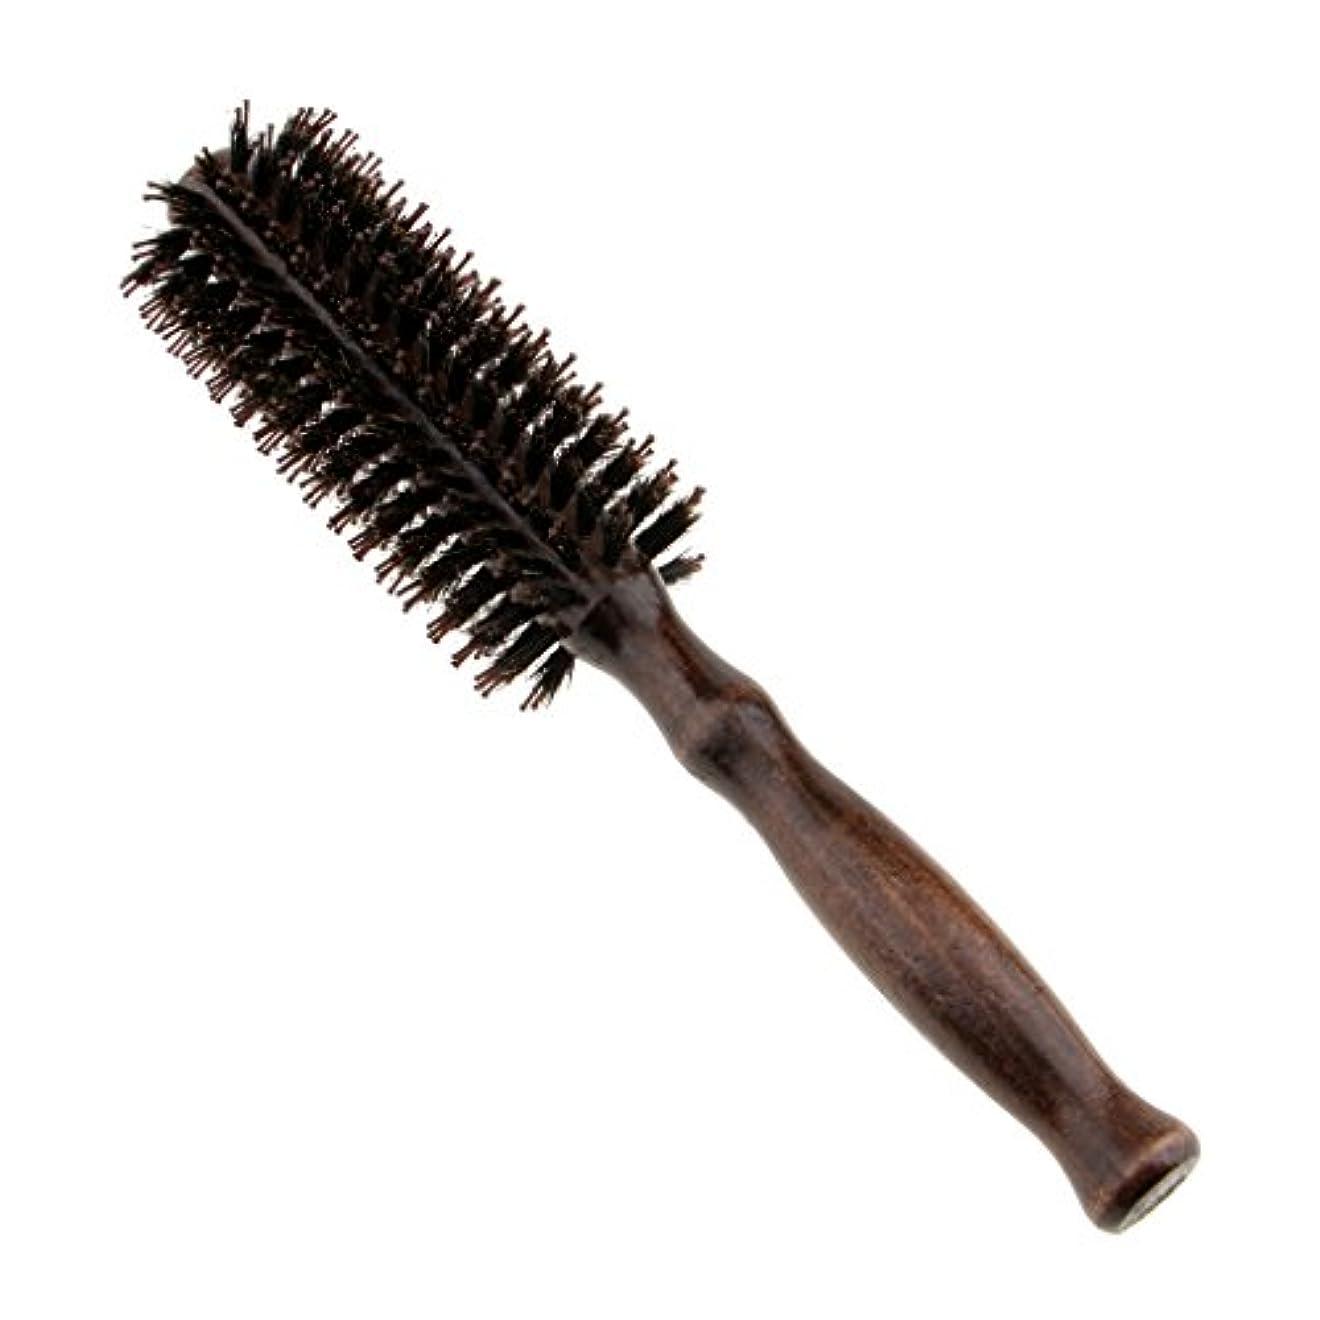 復活大いに玉ねぎラウンドウッドのハンドルヘアブラシの理髪美容カールヘアブラシのブラシ - #1